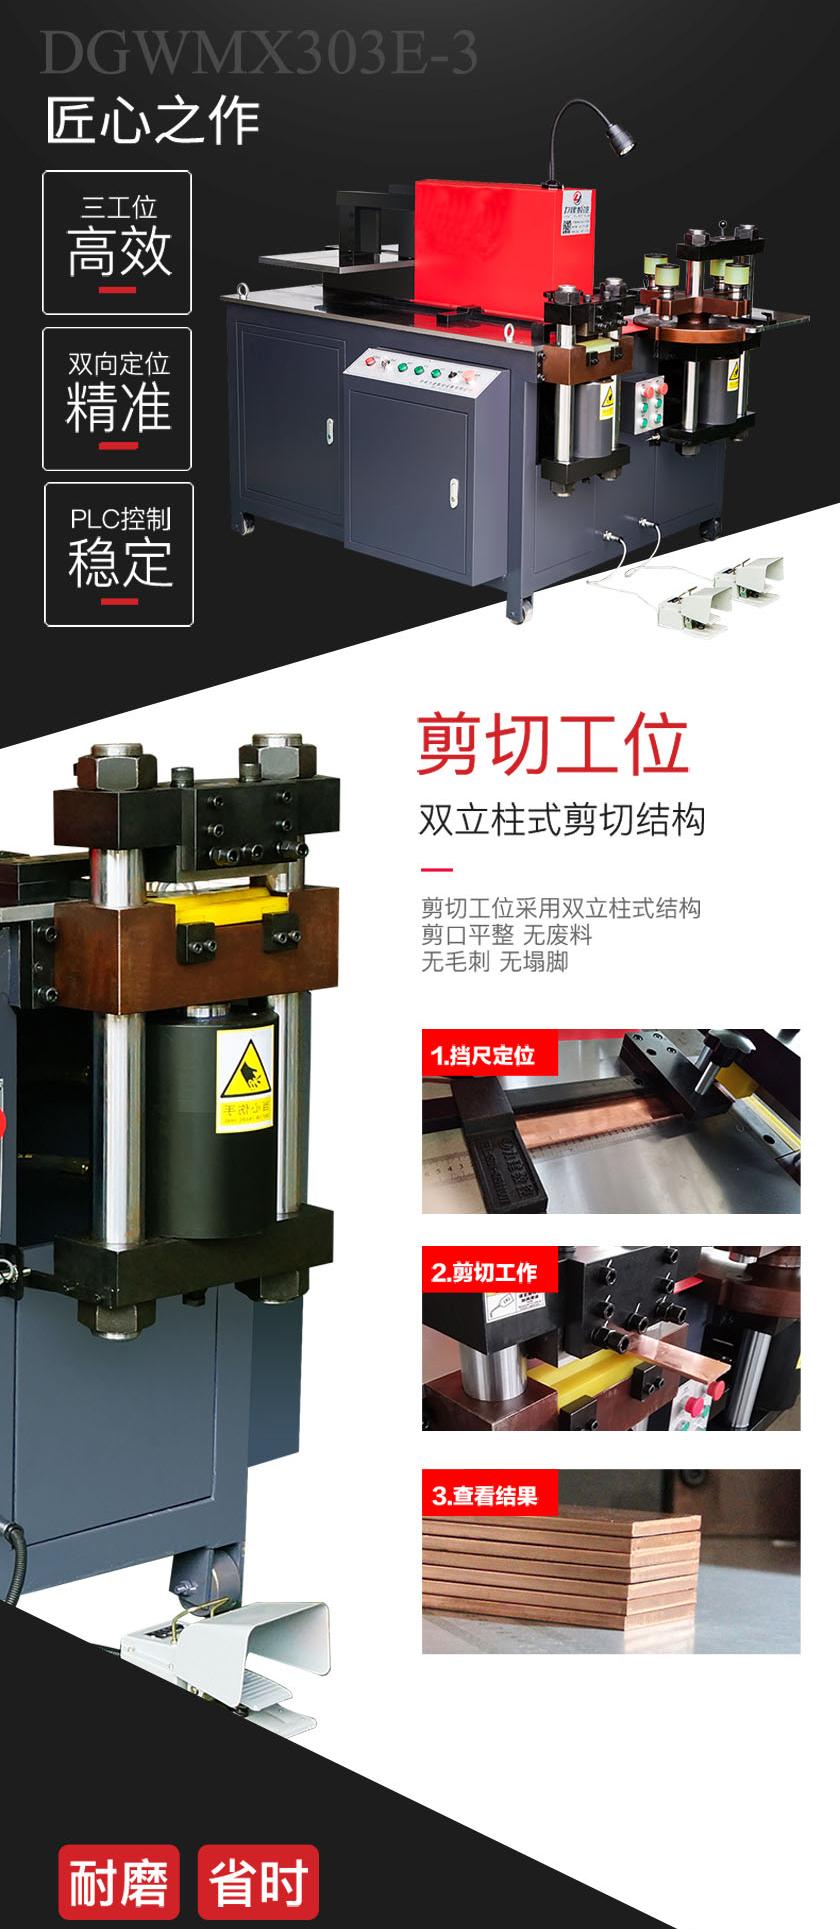 DGWMX303E-3铜排加工机